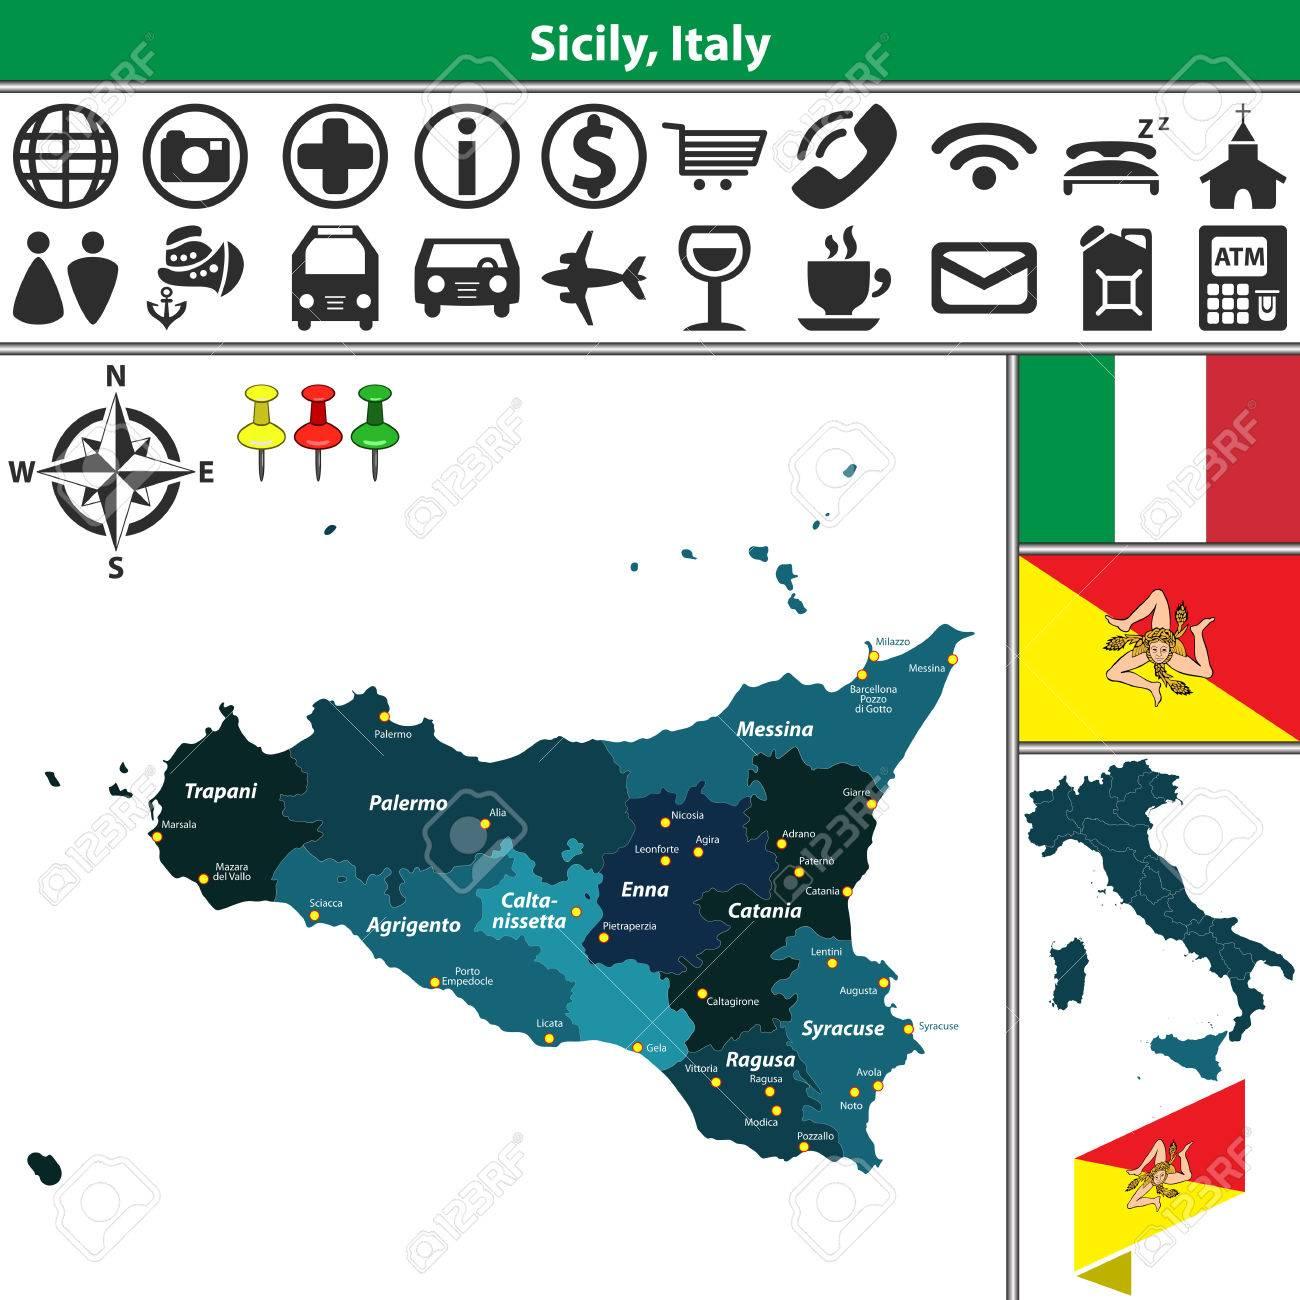 Mapa De Sicilia Italia.Mapa Del Vector De La Region De Sicilia Con Las Regiones Y La Ubicacion En El Mapa De Italia